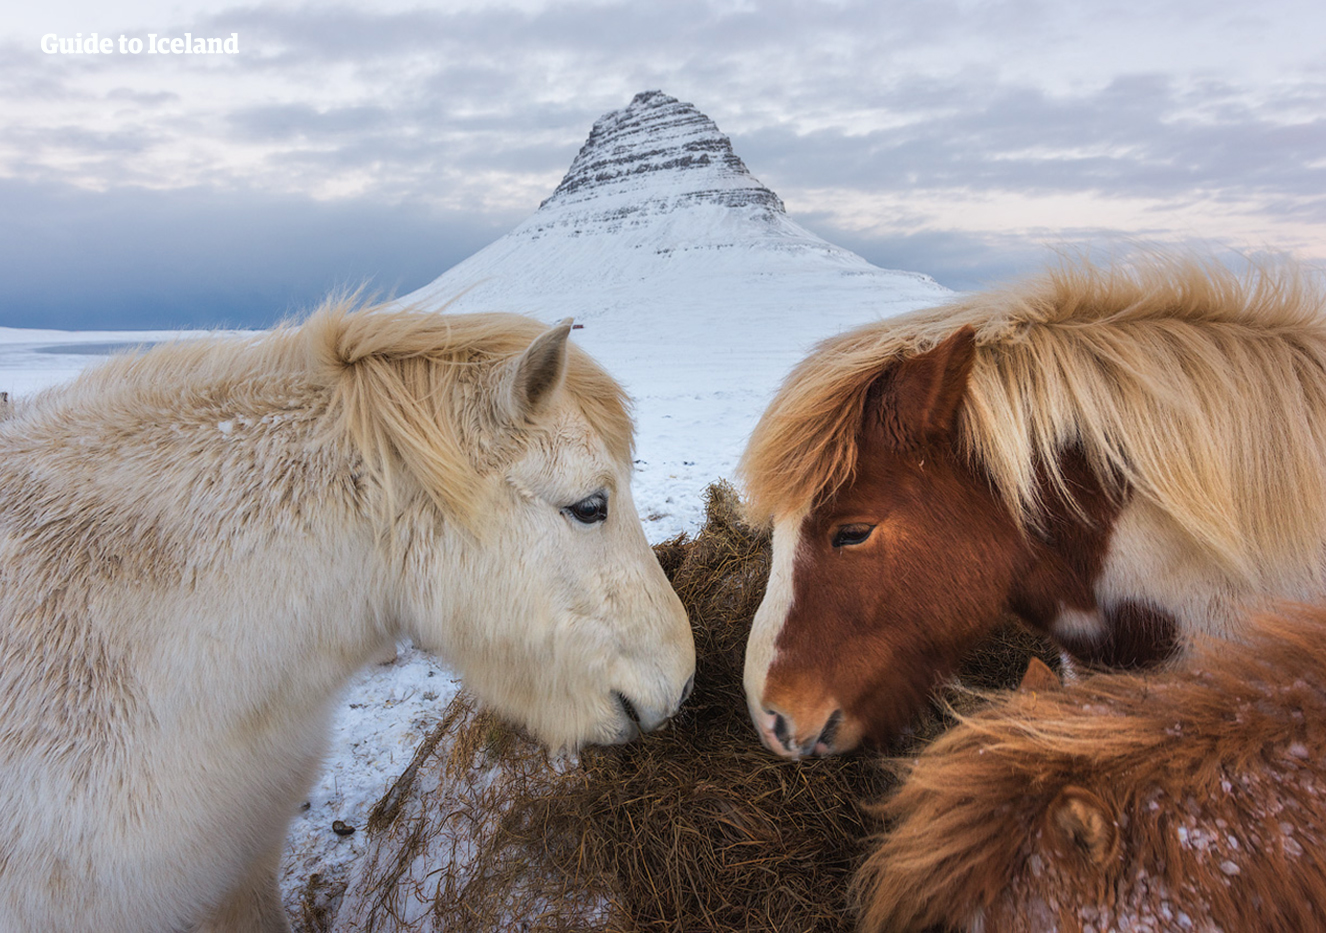 Kirkjufell er et fjell på Vest-Island, her avbildet om vinteren i bakgrunnen på dette bildet av islandshester.